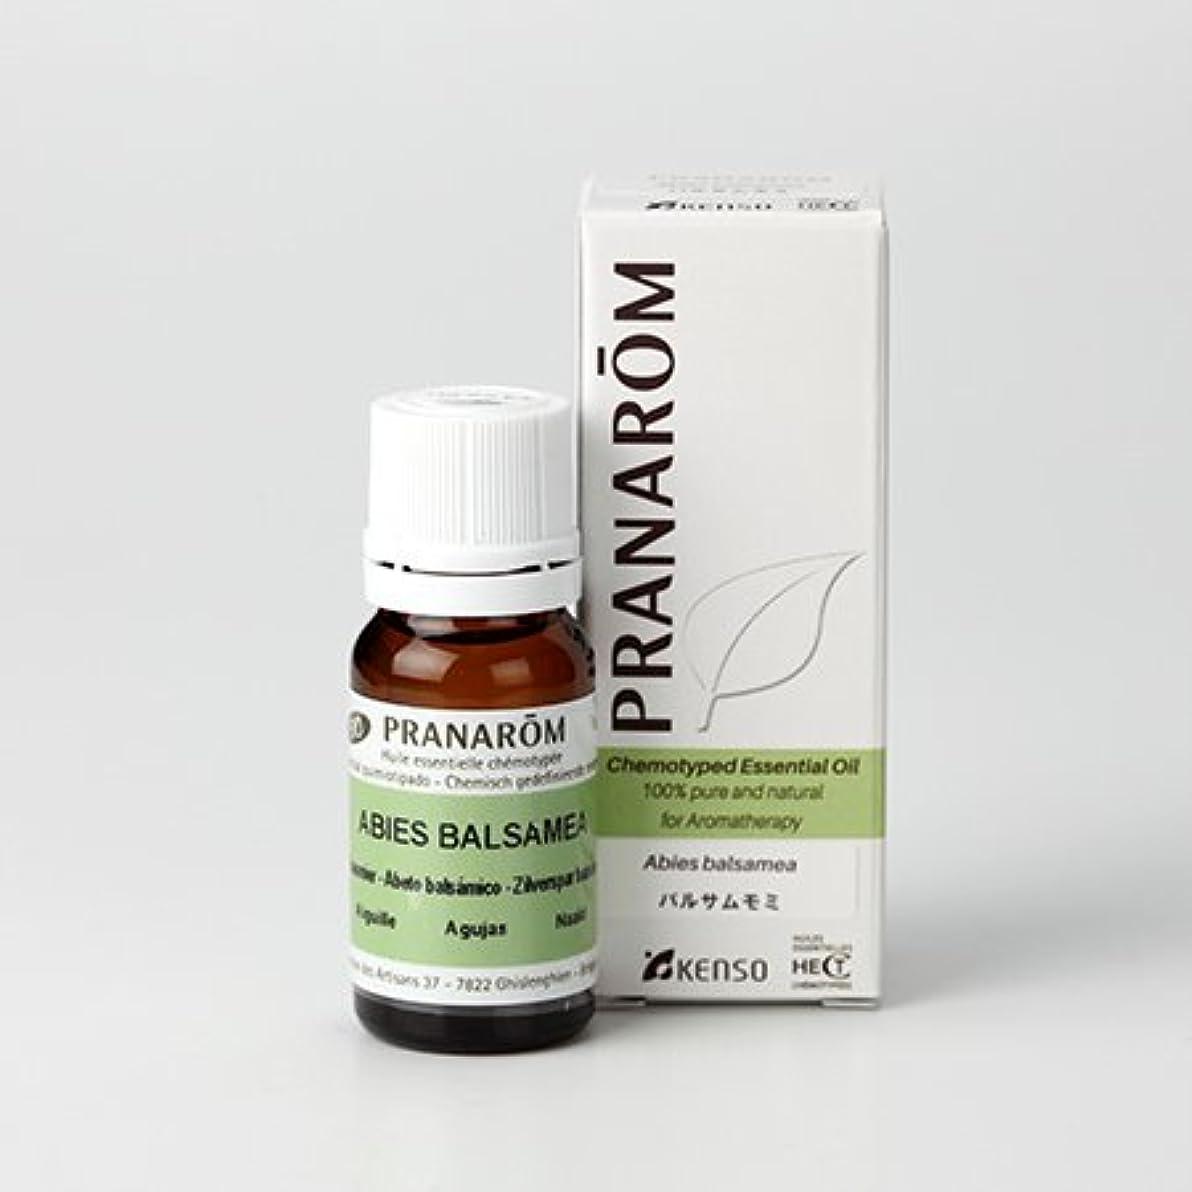 伝統的アームストロング居心地の良い【バルサムモミ 10ml】→透明感のある、森林の清々しい香り?(森林浴系)[PRANAROM(プラナロム)精油/アロマオイル/エッセンシャルオイル]P-2